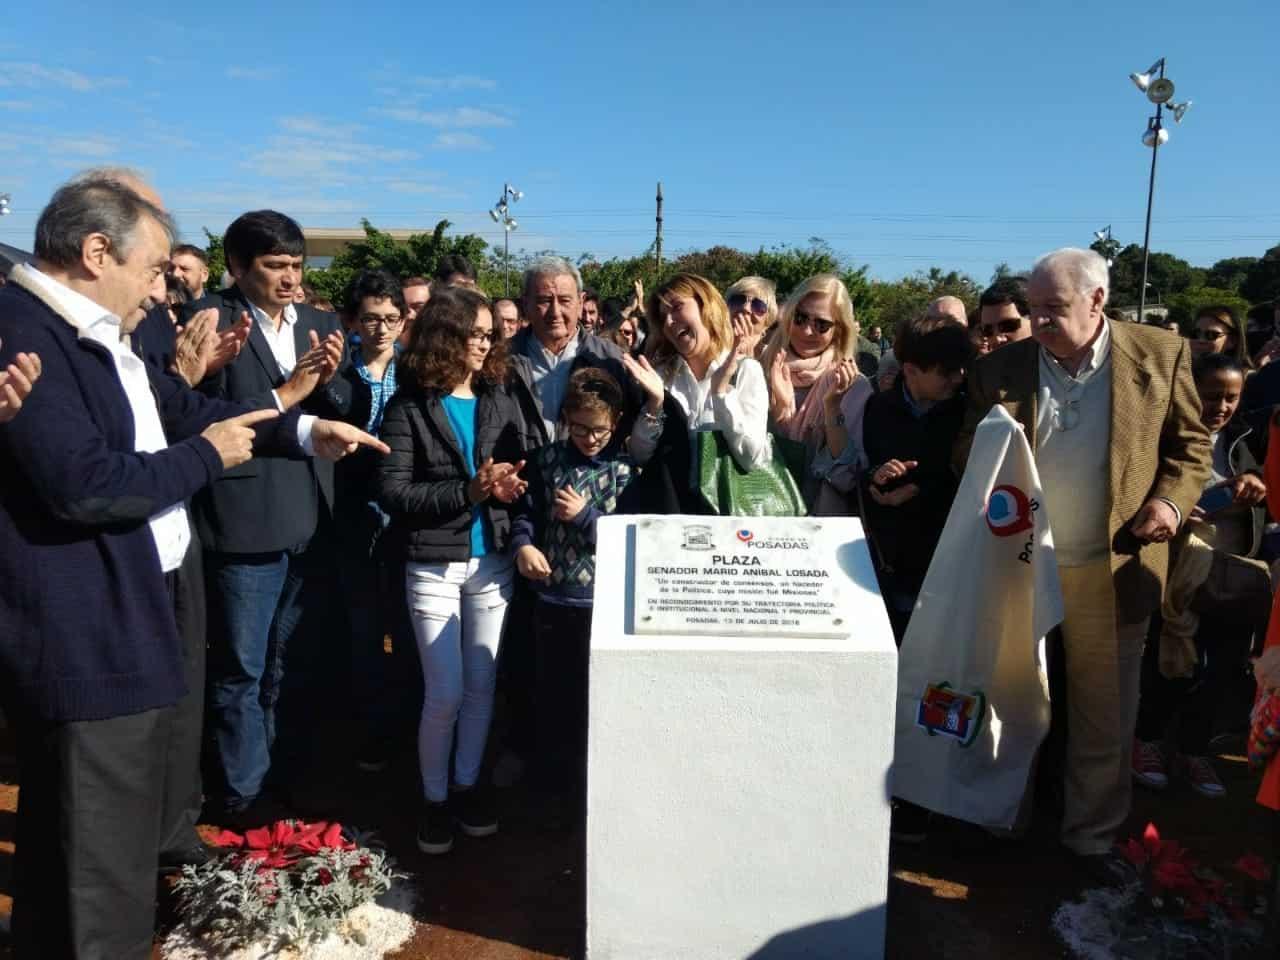 Realizaron un emotivo homenaje al ex senador Mario Losada